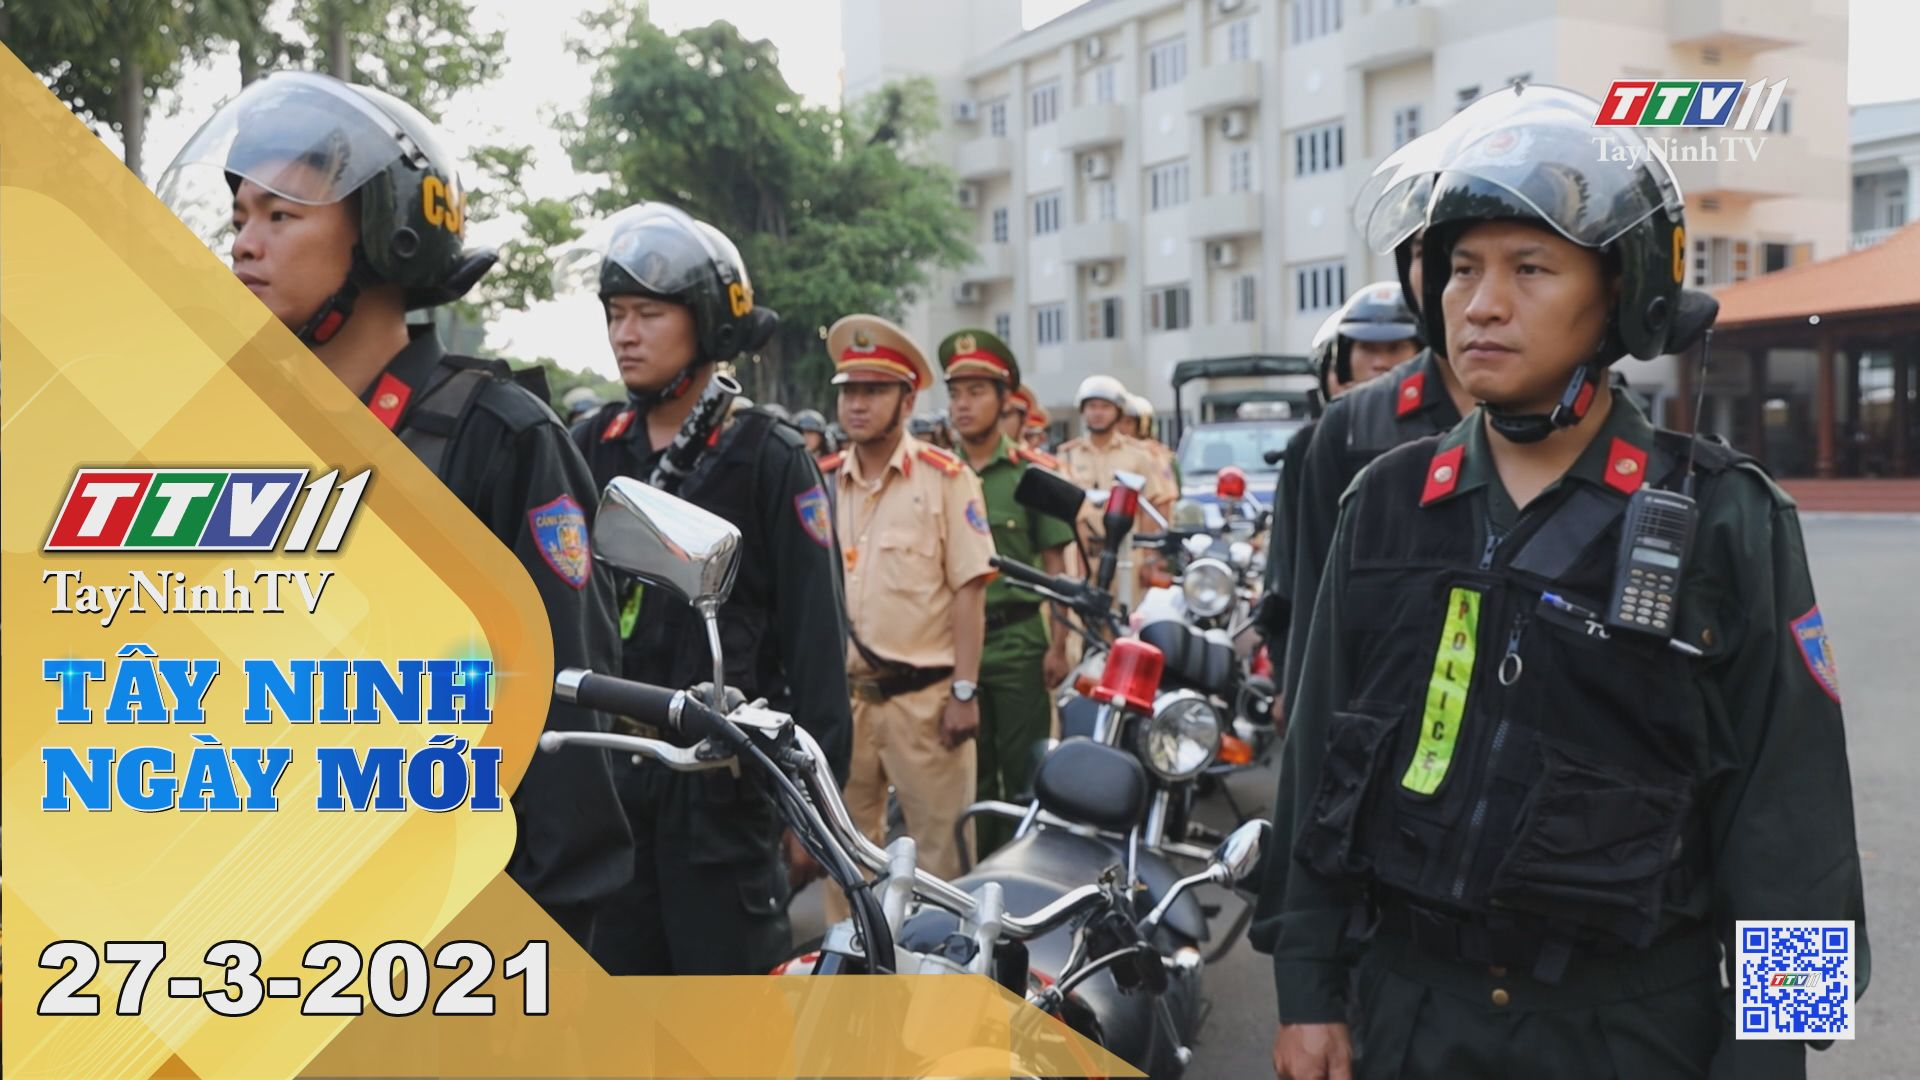 Tây Ninh Ngày Mới 27-3-2021 | Tin tức hôm nay | TayNinhTV